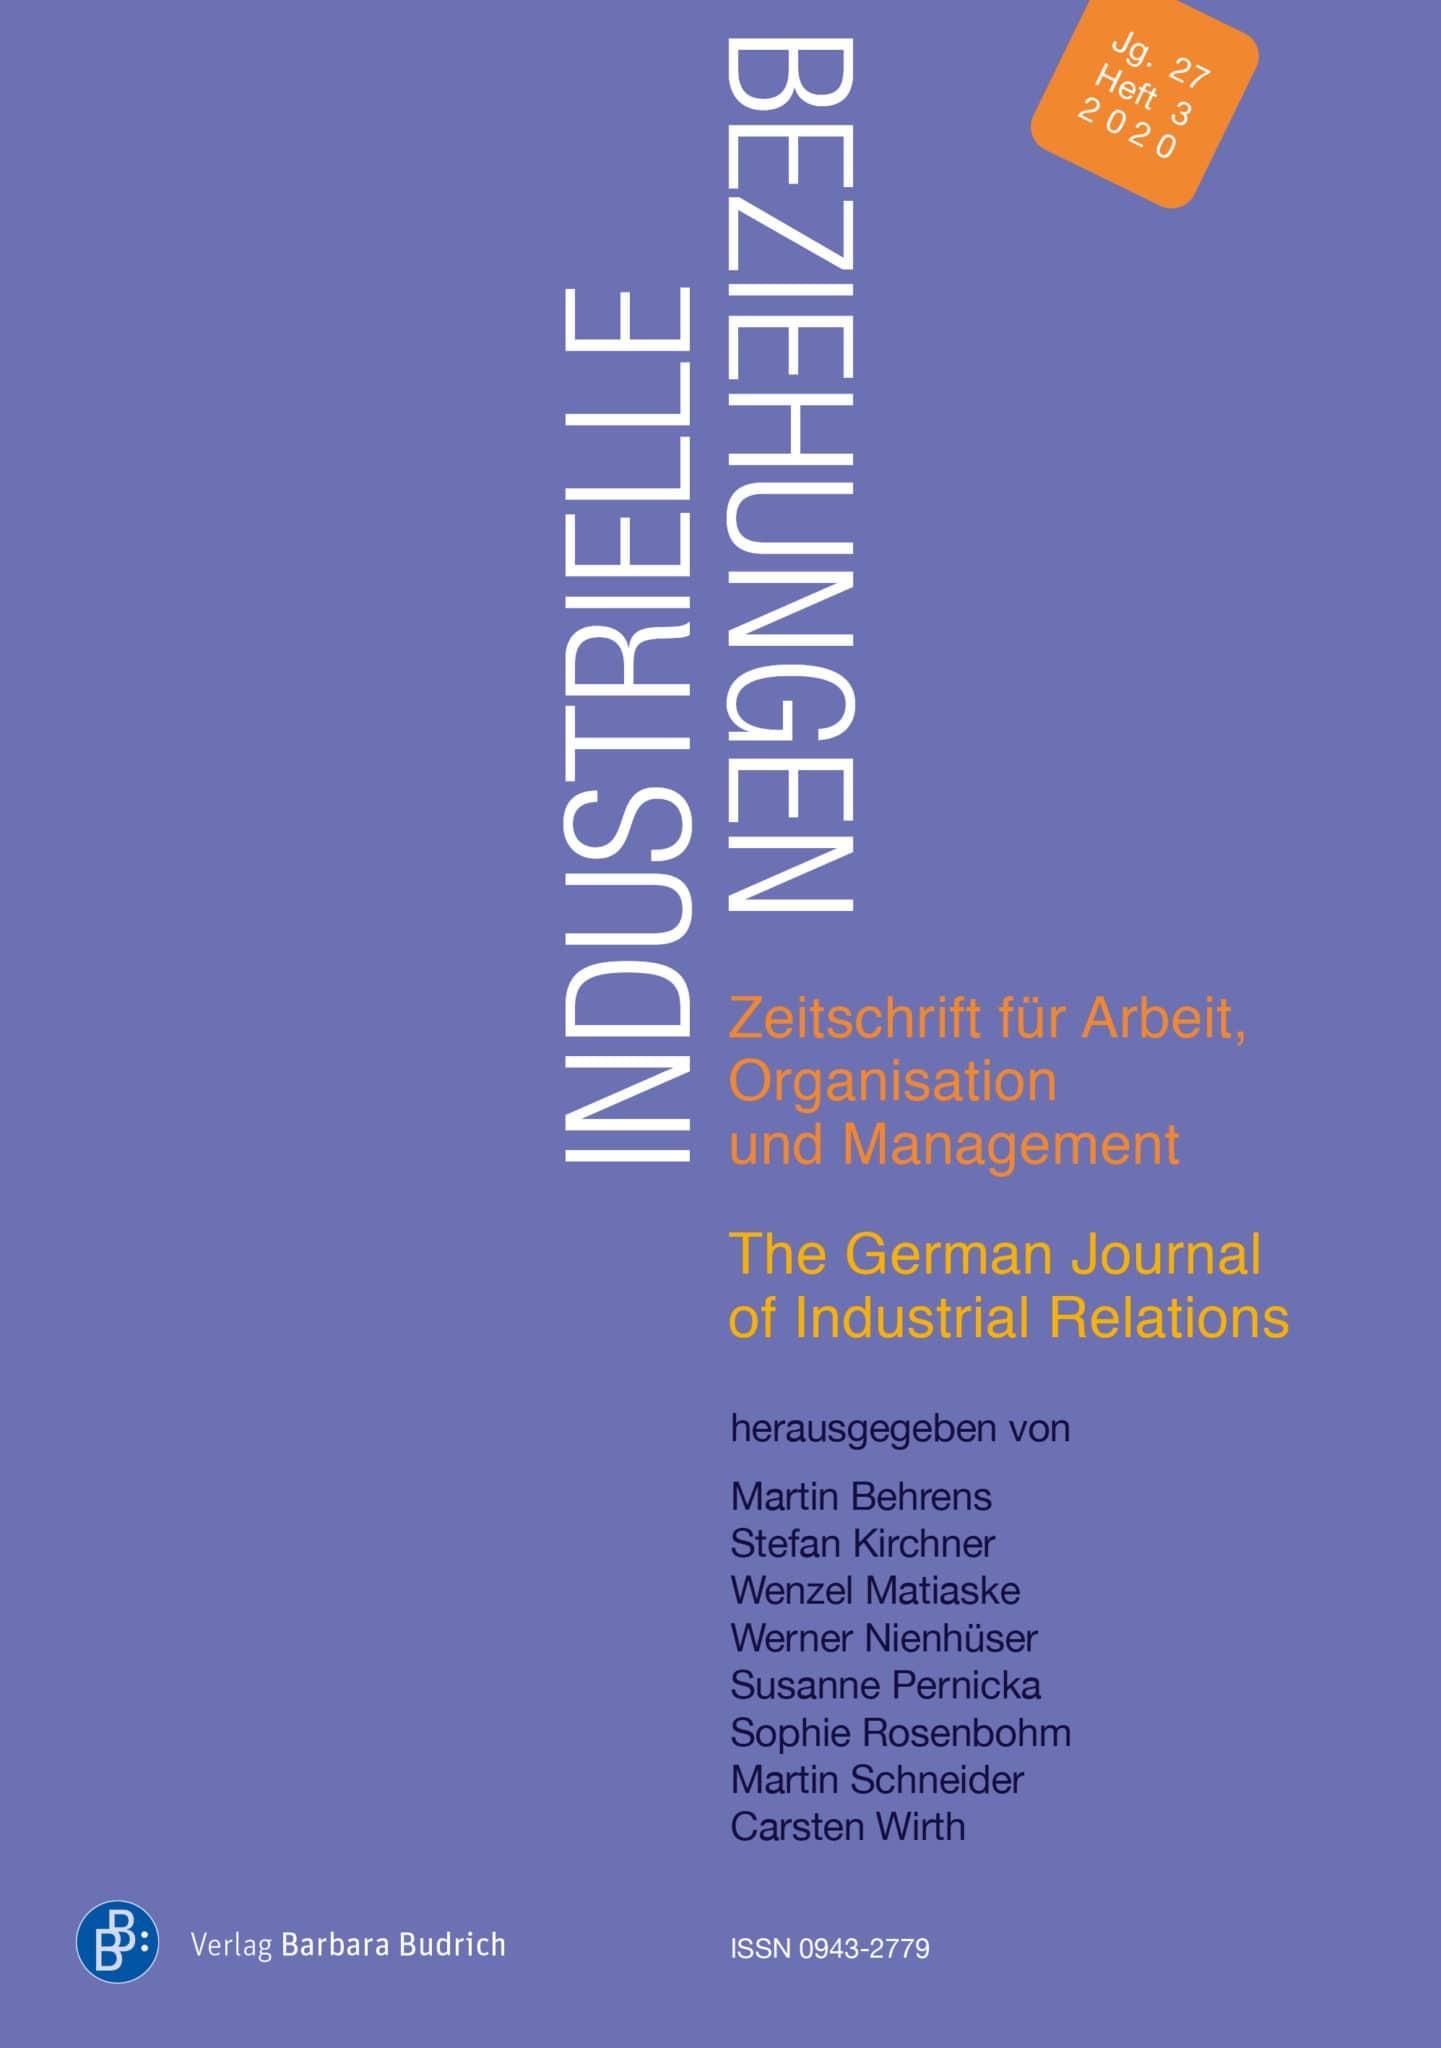 Industrielle Beziehungen. Zeitschrift für Arbeit, Organisation und Management 3-2020: Freie Beiträge